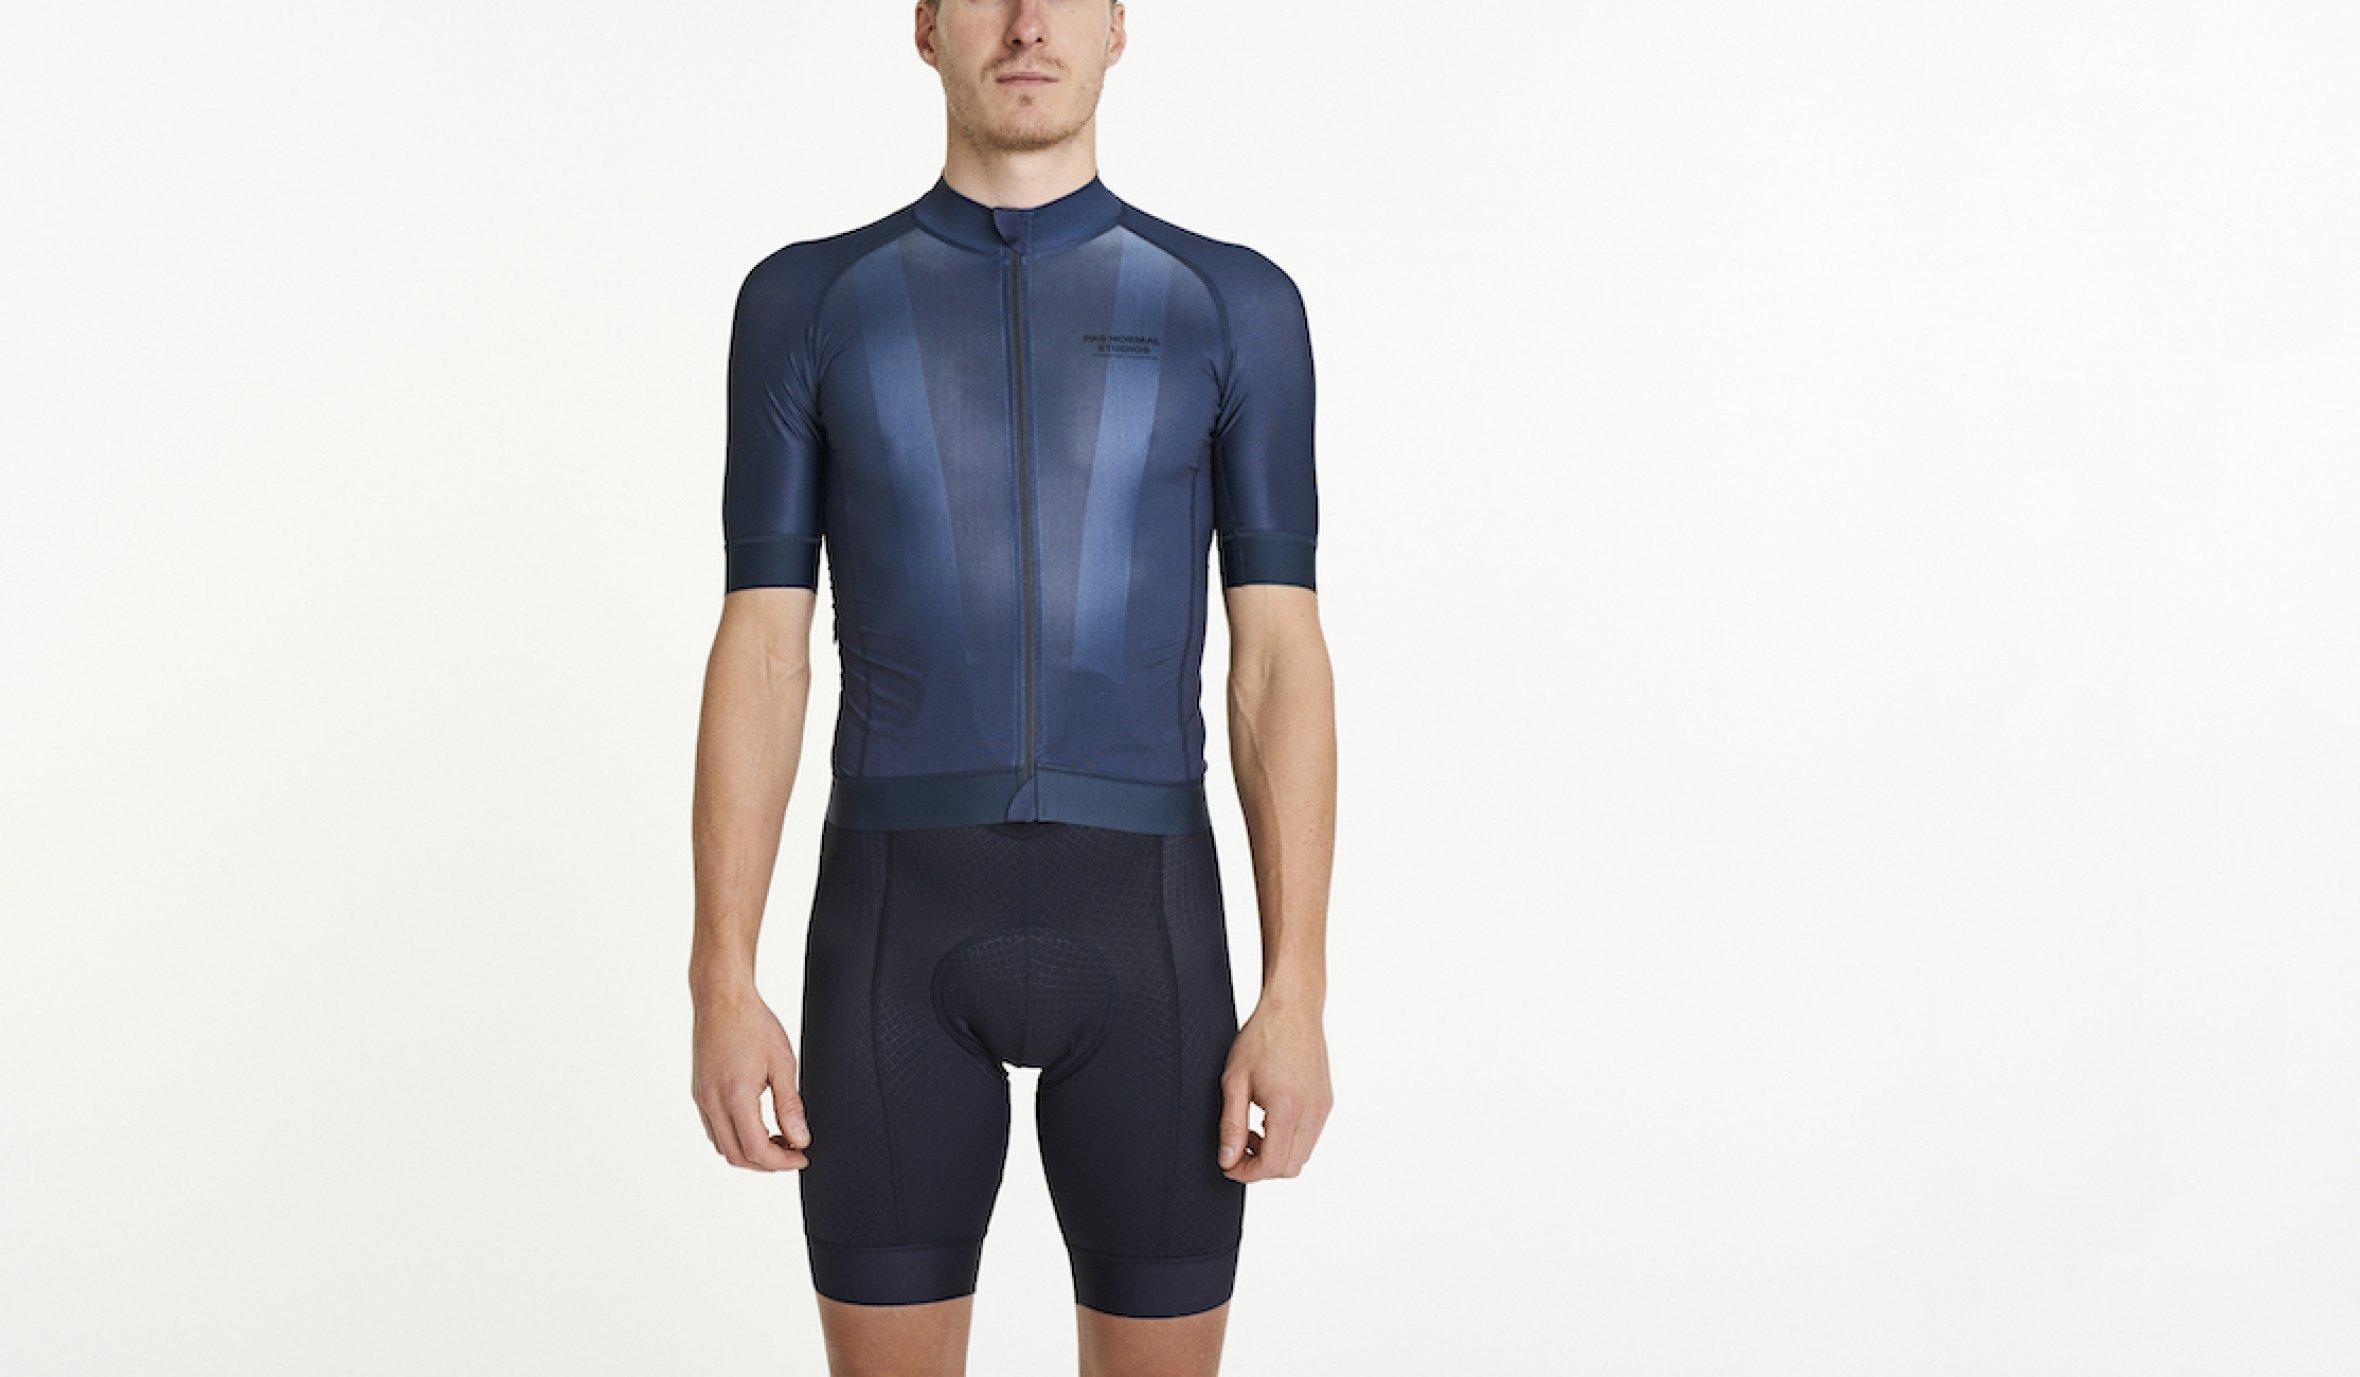 Les maillots sont proposés à 180€